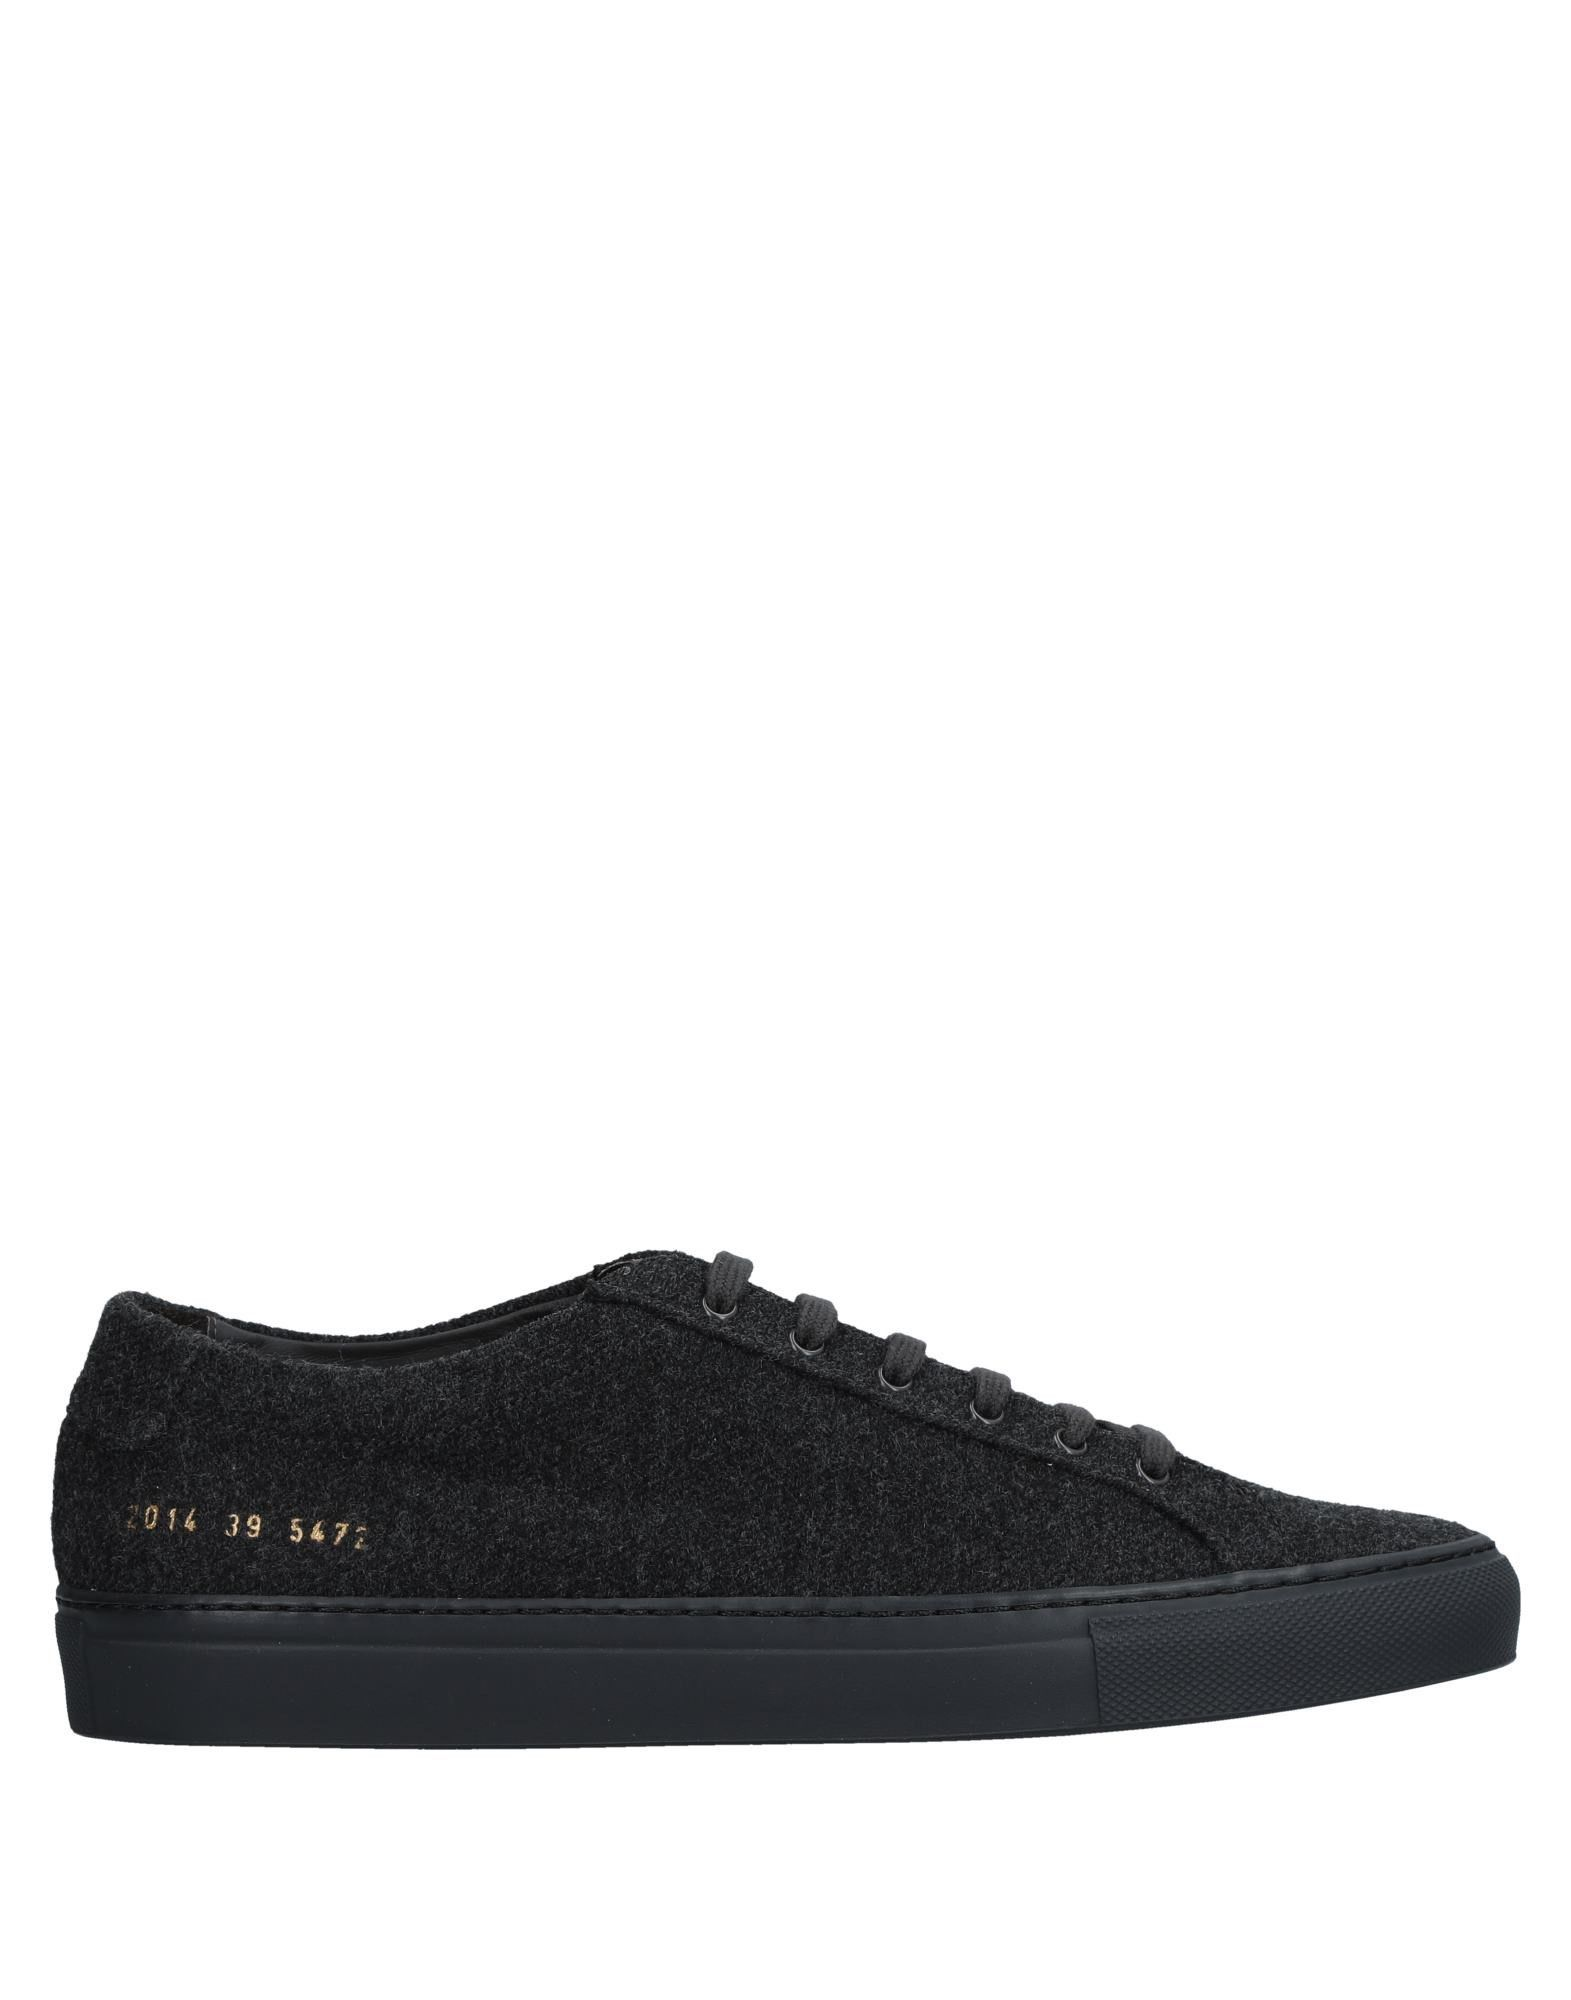 Common Projects Sneakers Herren  11235268LG Gute Qualität beliebte Schuhe